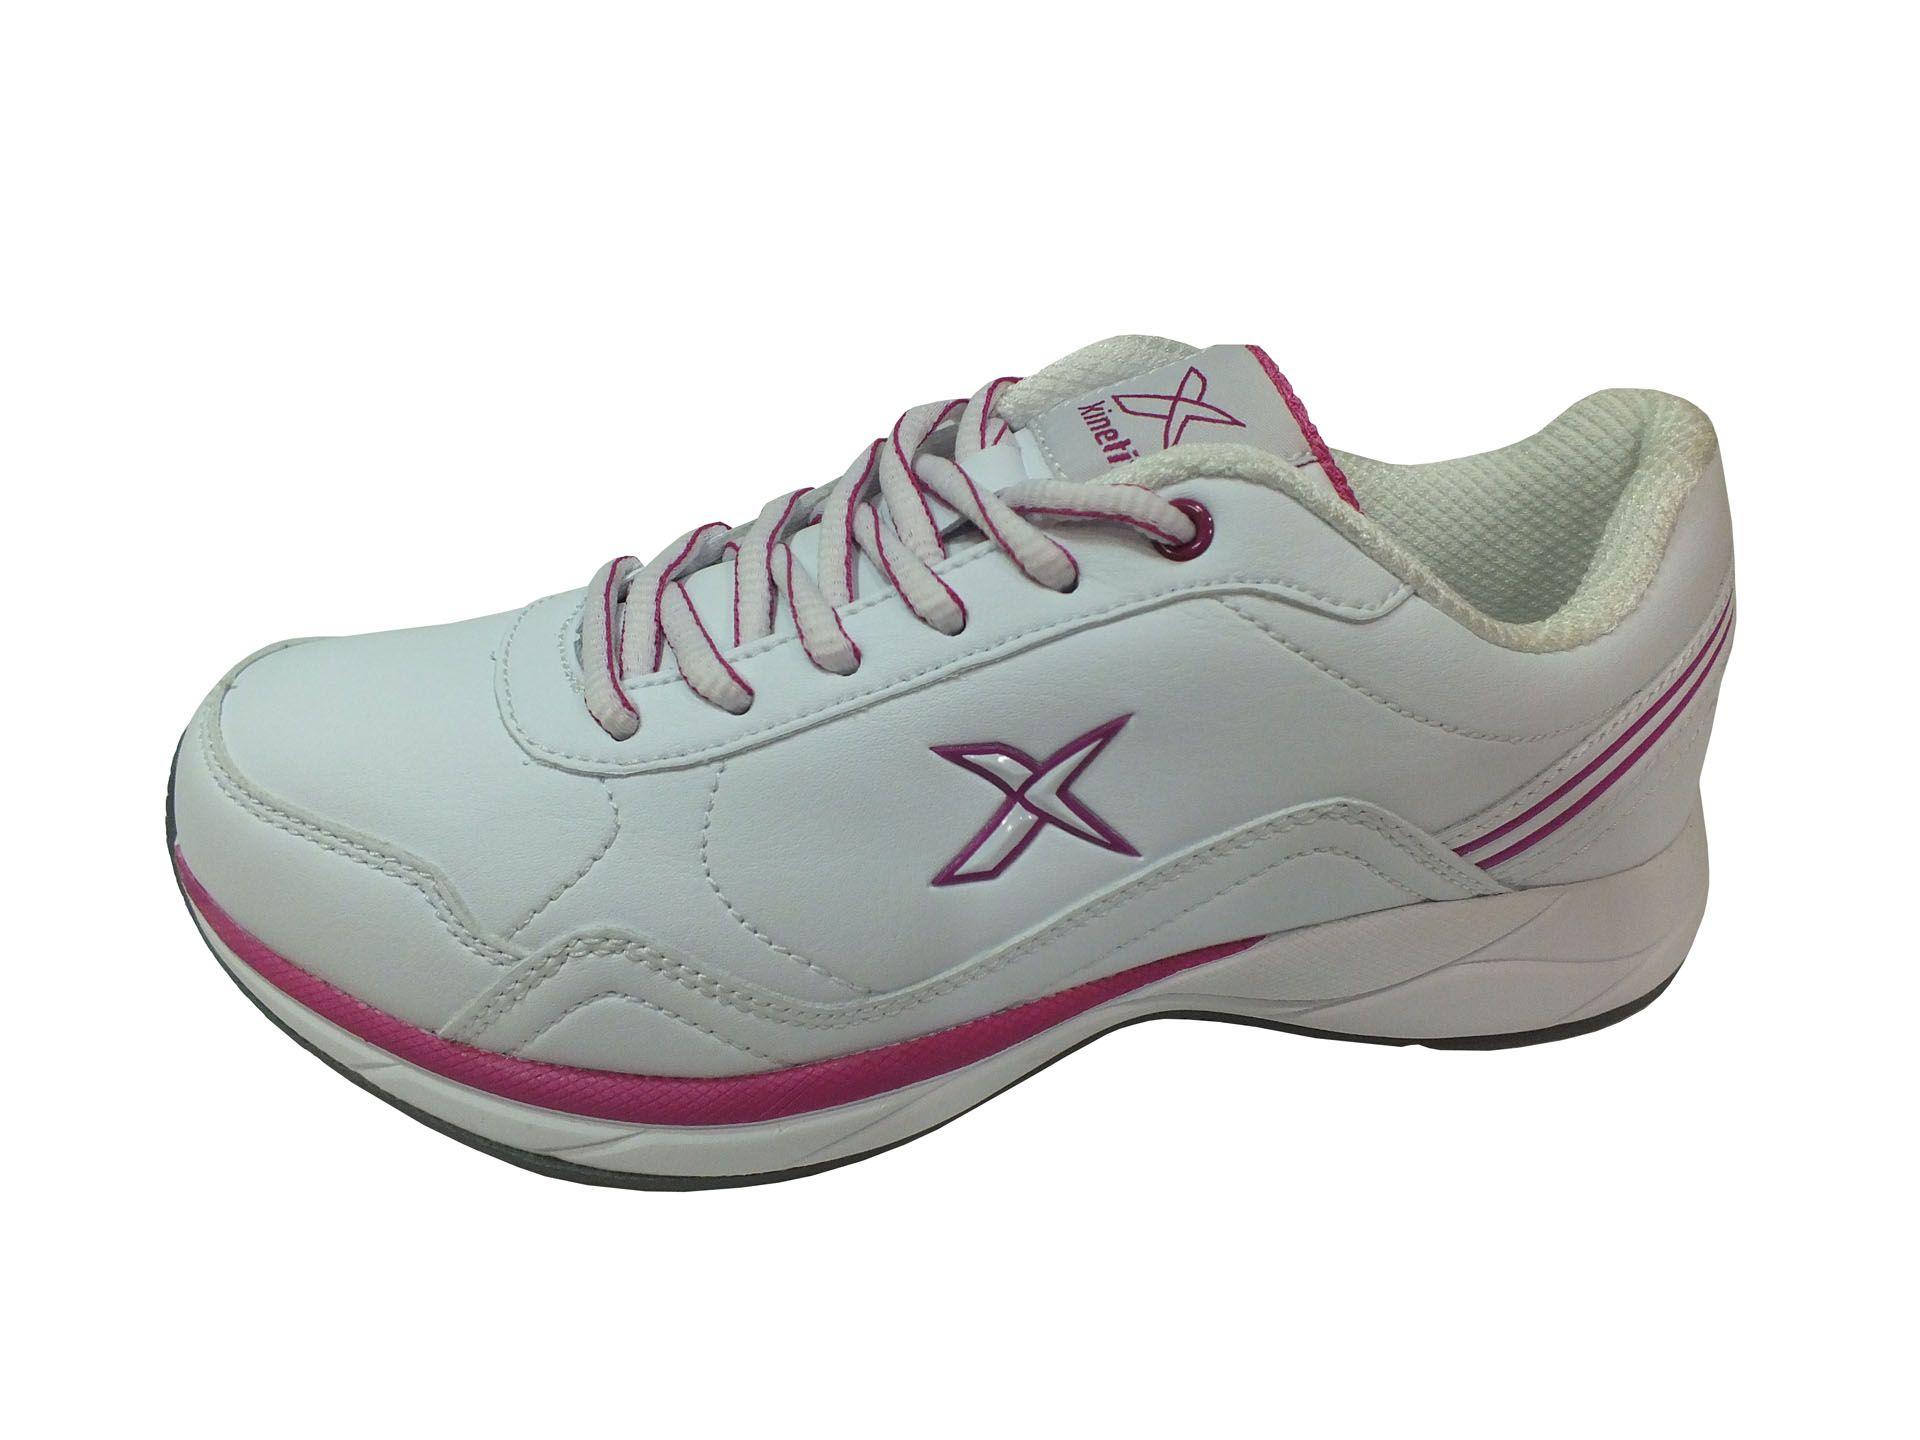 Kinetix Marka Bagcikli Beyaz Bayan Spor Ayakkabi Http Www Carikcim Com Kinetix Revona Bagcikli Beyaz Bayan Spor Ayakkabi Ayakkabilar Spor Ayakkabilar